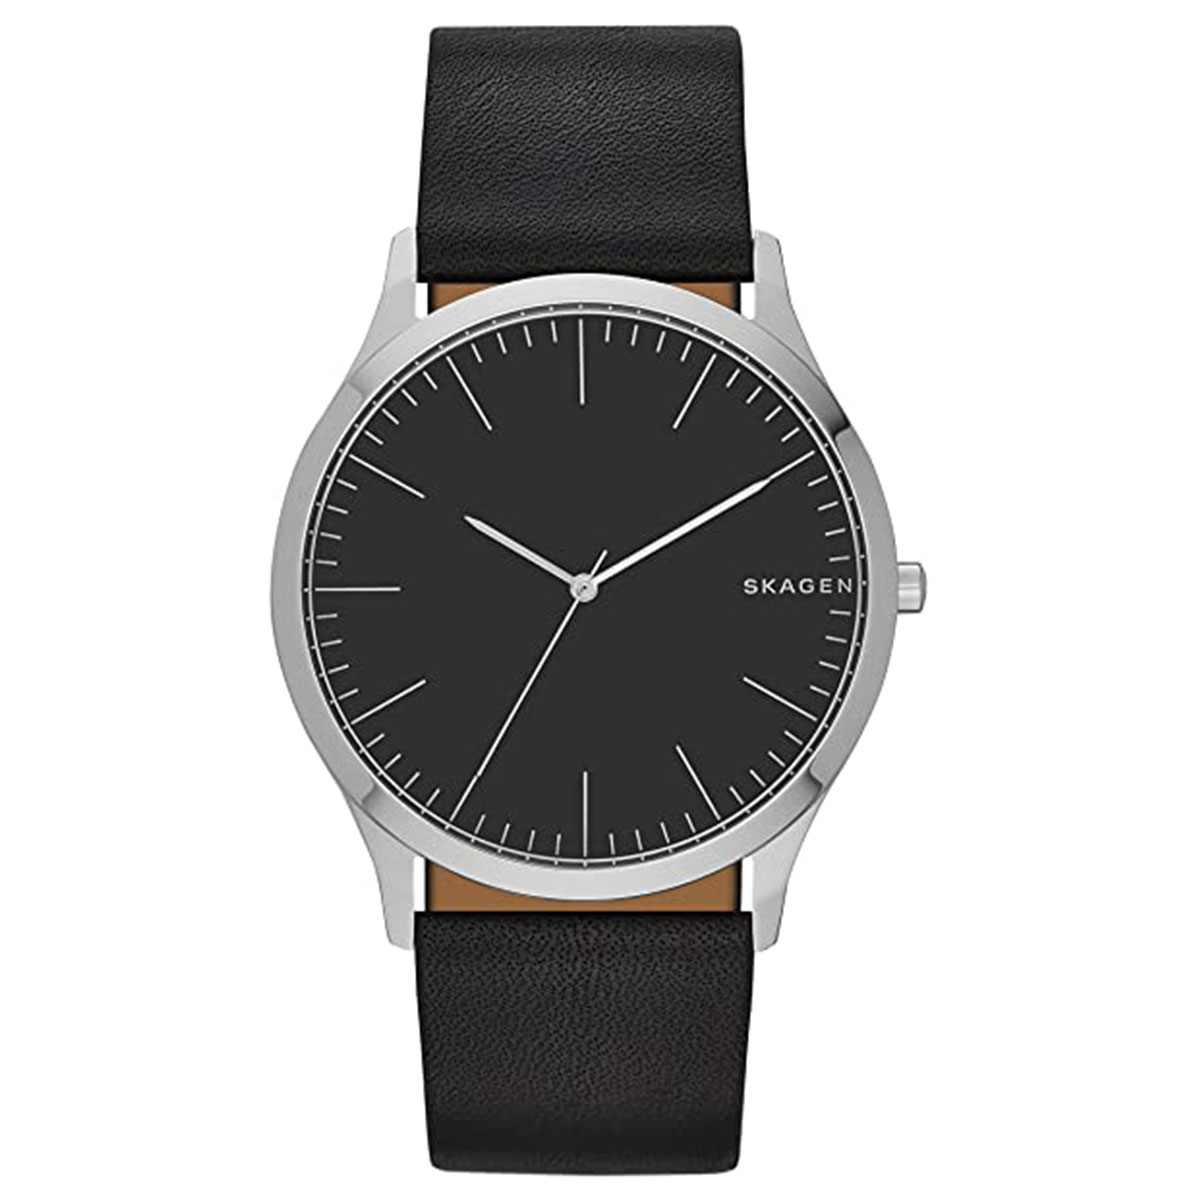 ساعت مچی عقربه ای مردانه اسکاژن دانمارک مدل SKW6329